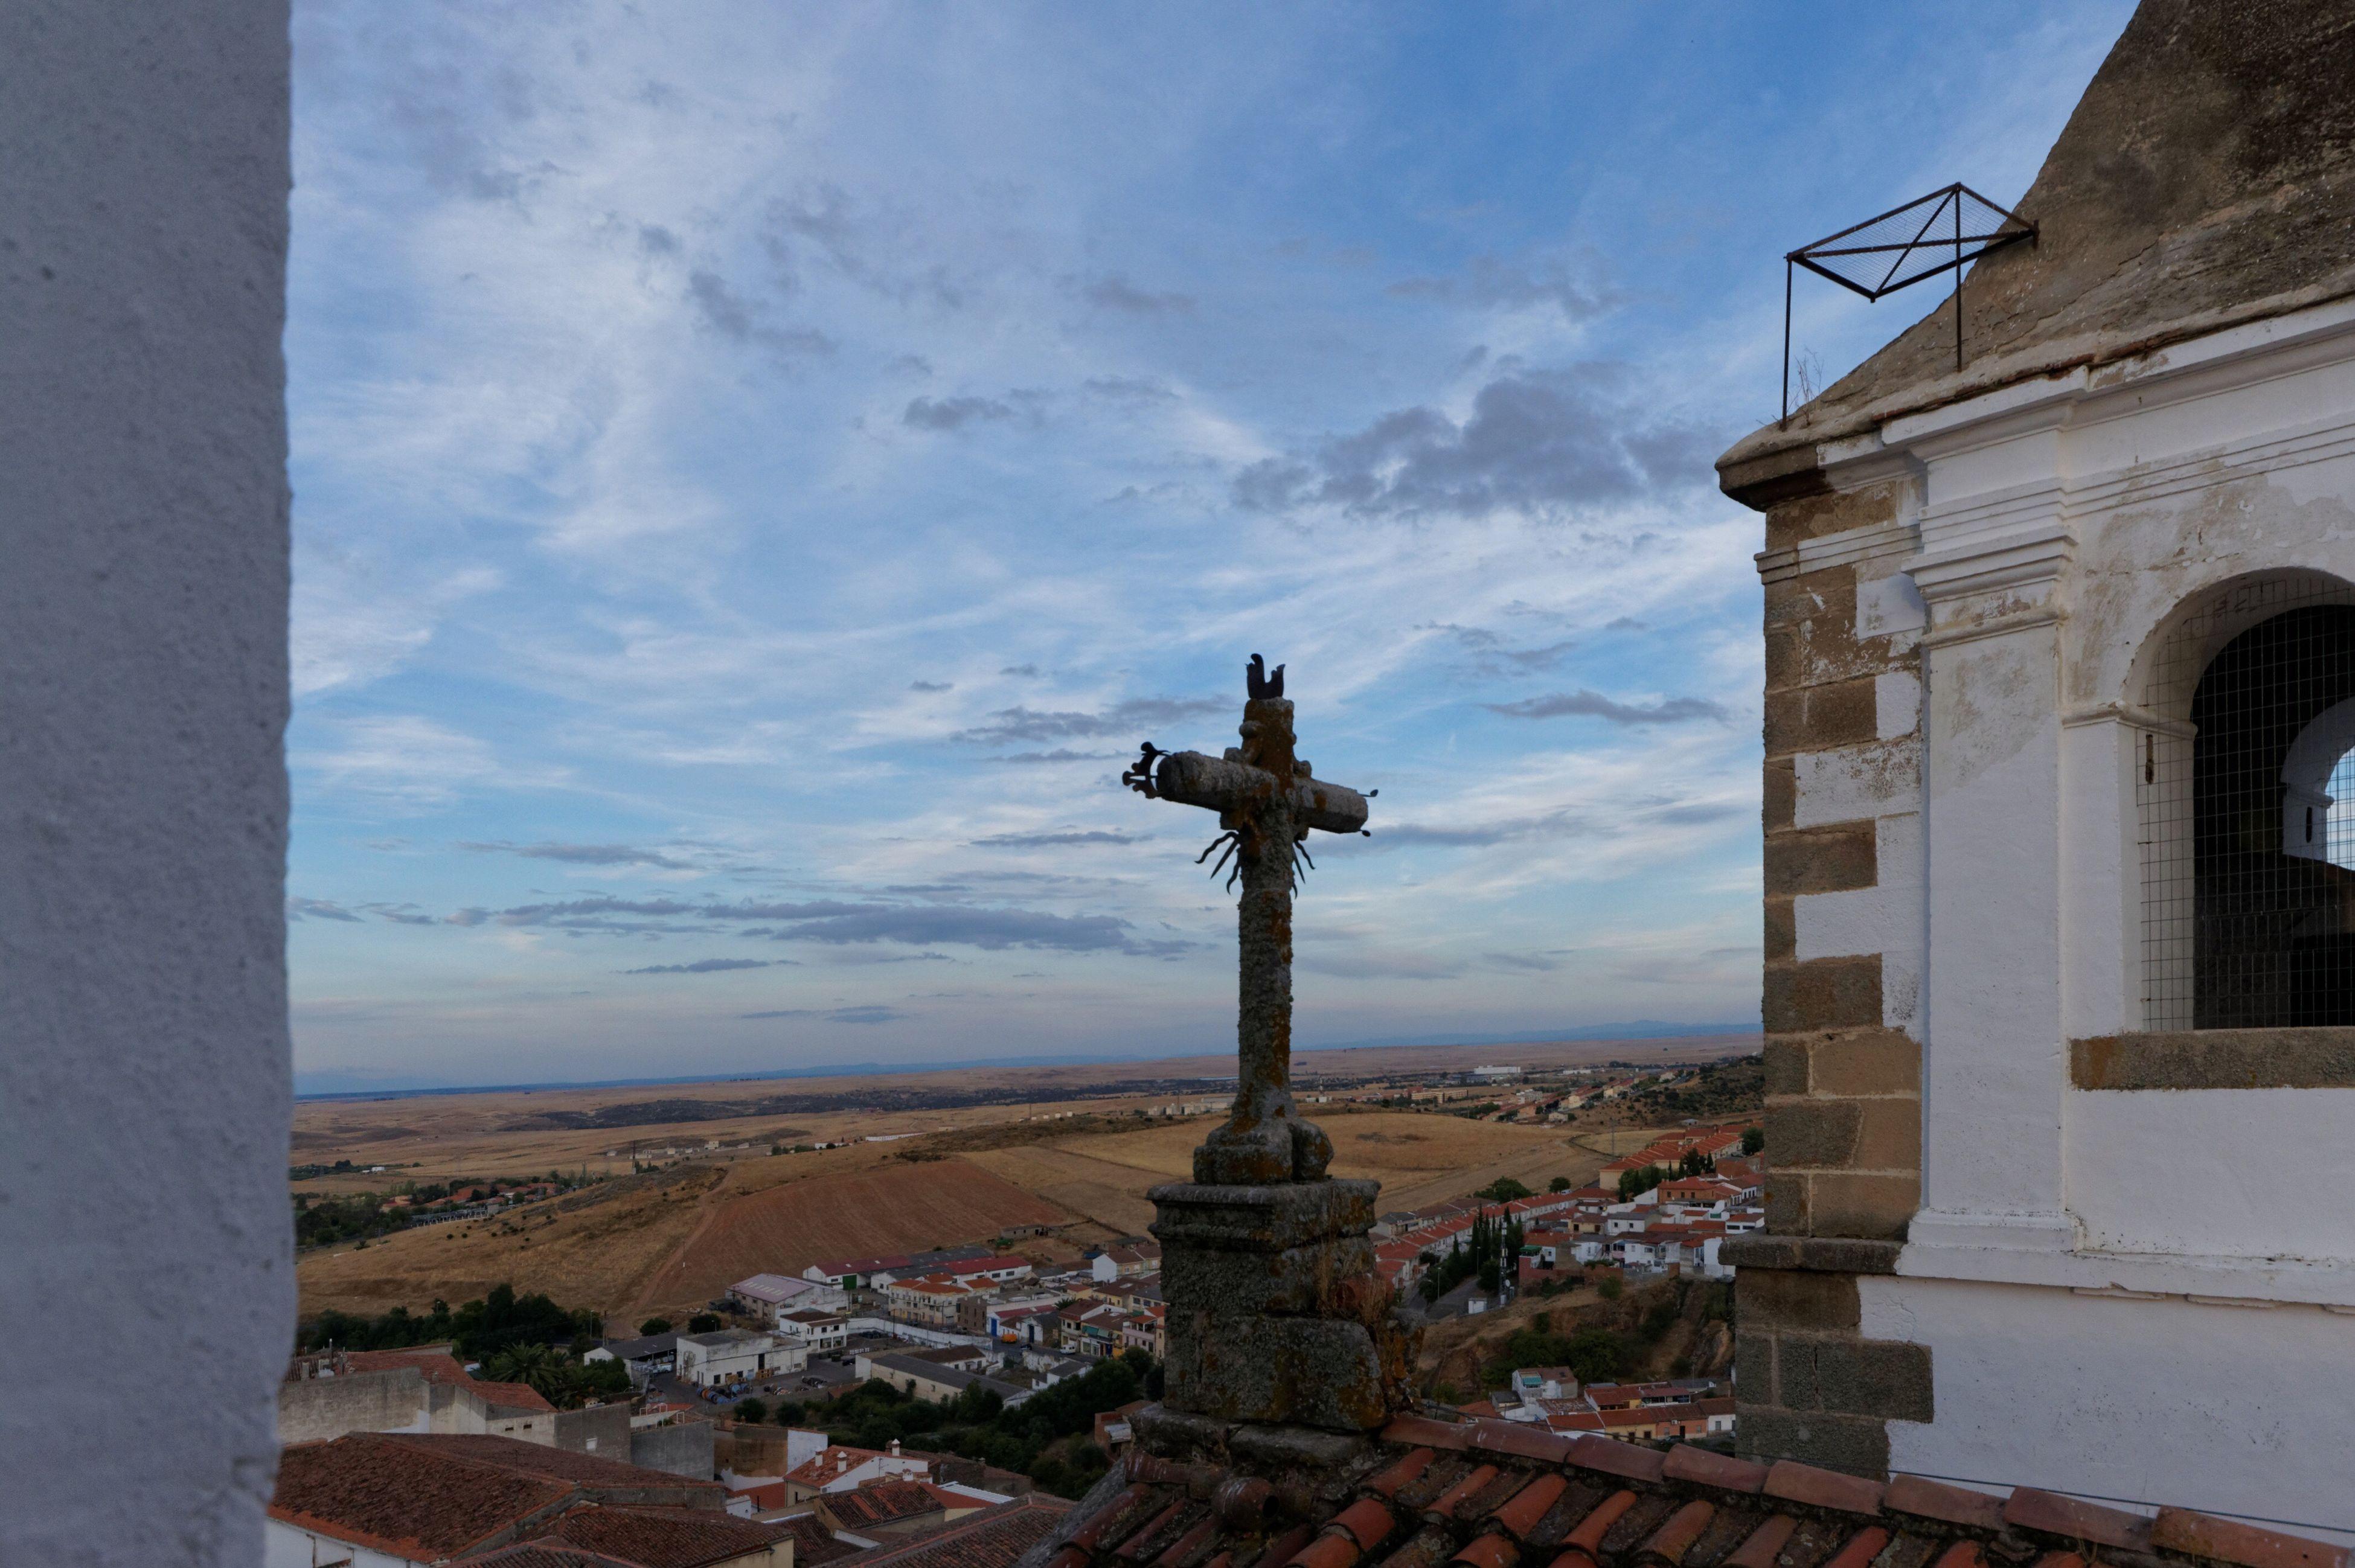 Sky Religion Built Structure Architecture Cloud - Sky No People Statue Outdoors Place Of Worship Day Via de la Plata